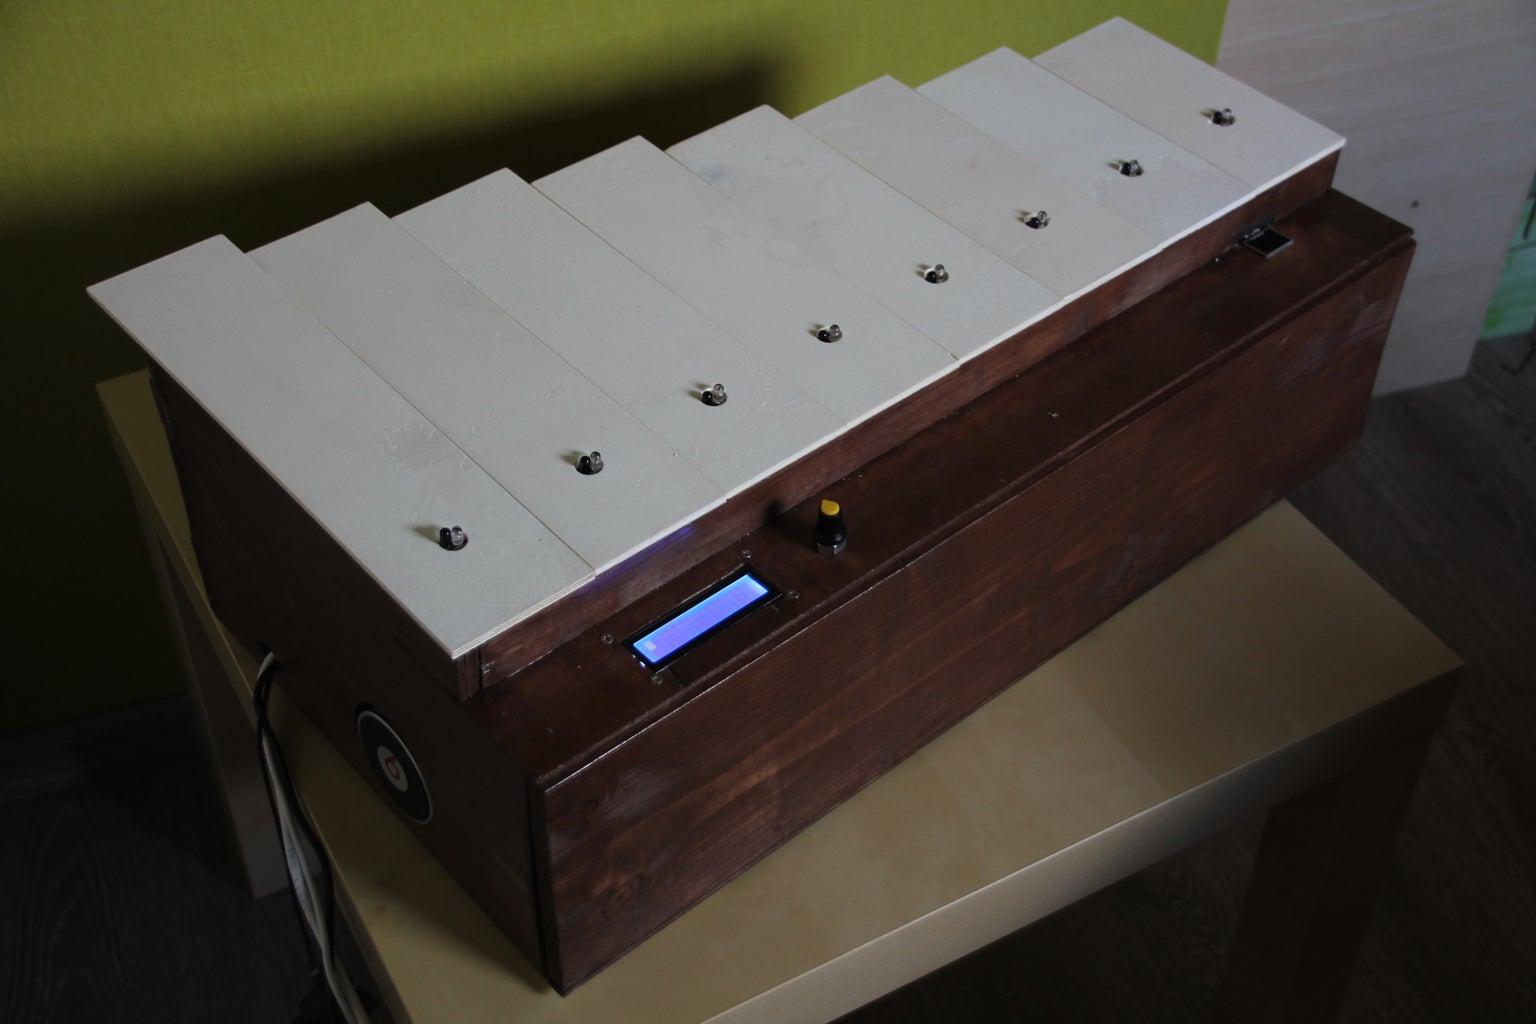 Raspberry Pi Infrared Keyboard